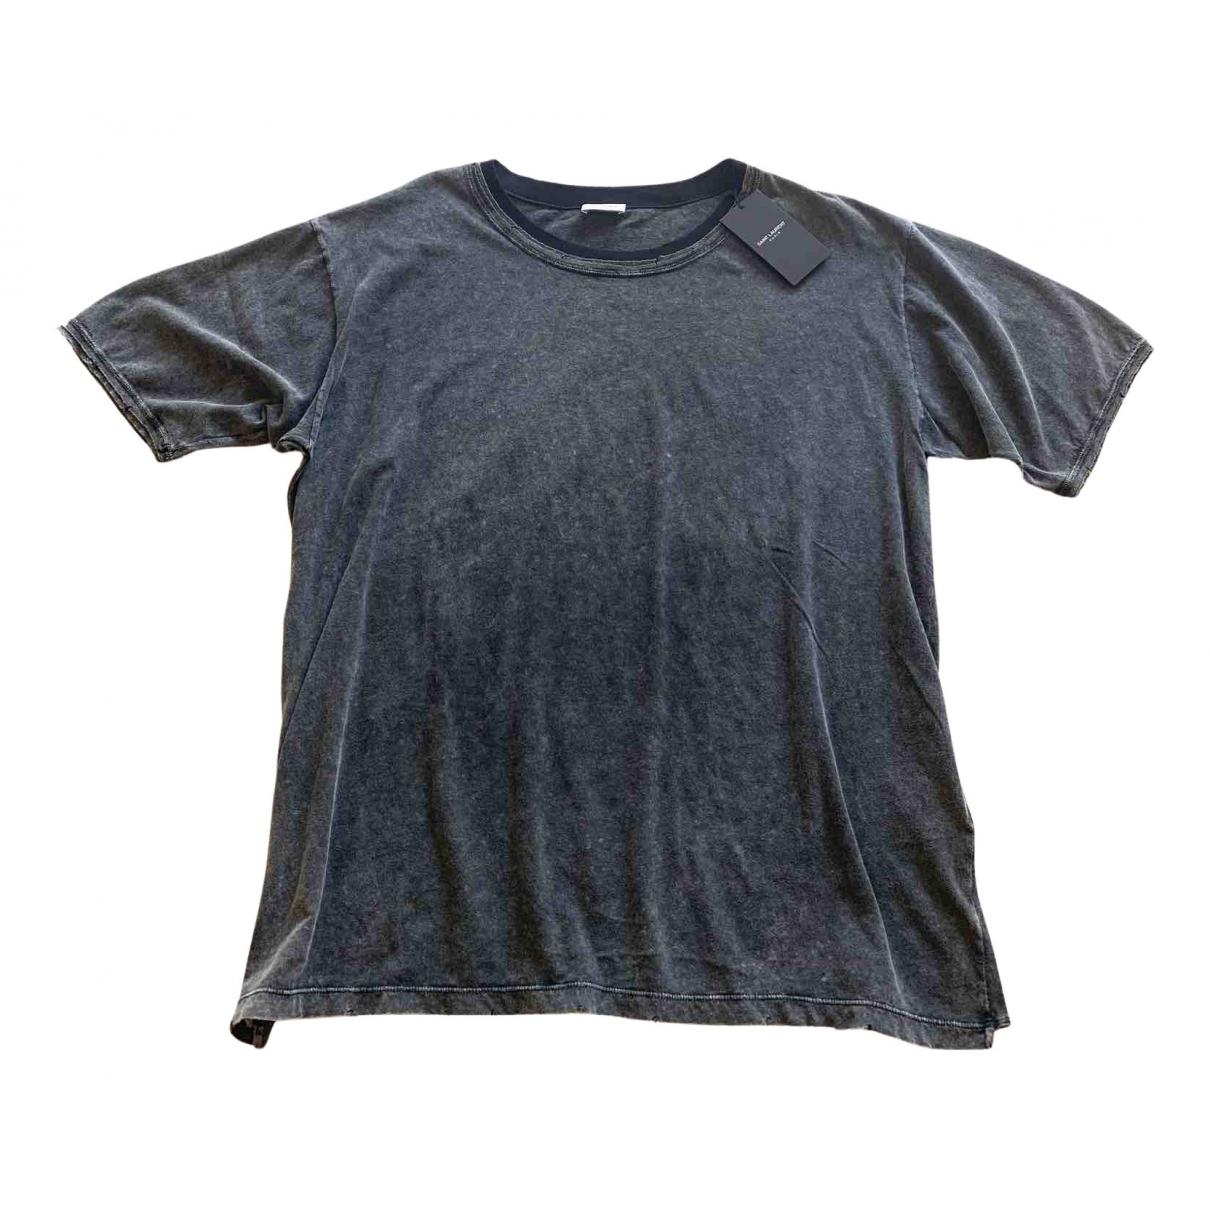 Saint Laurent - Tee shirts   pour homme en coton - anthracite